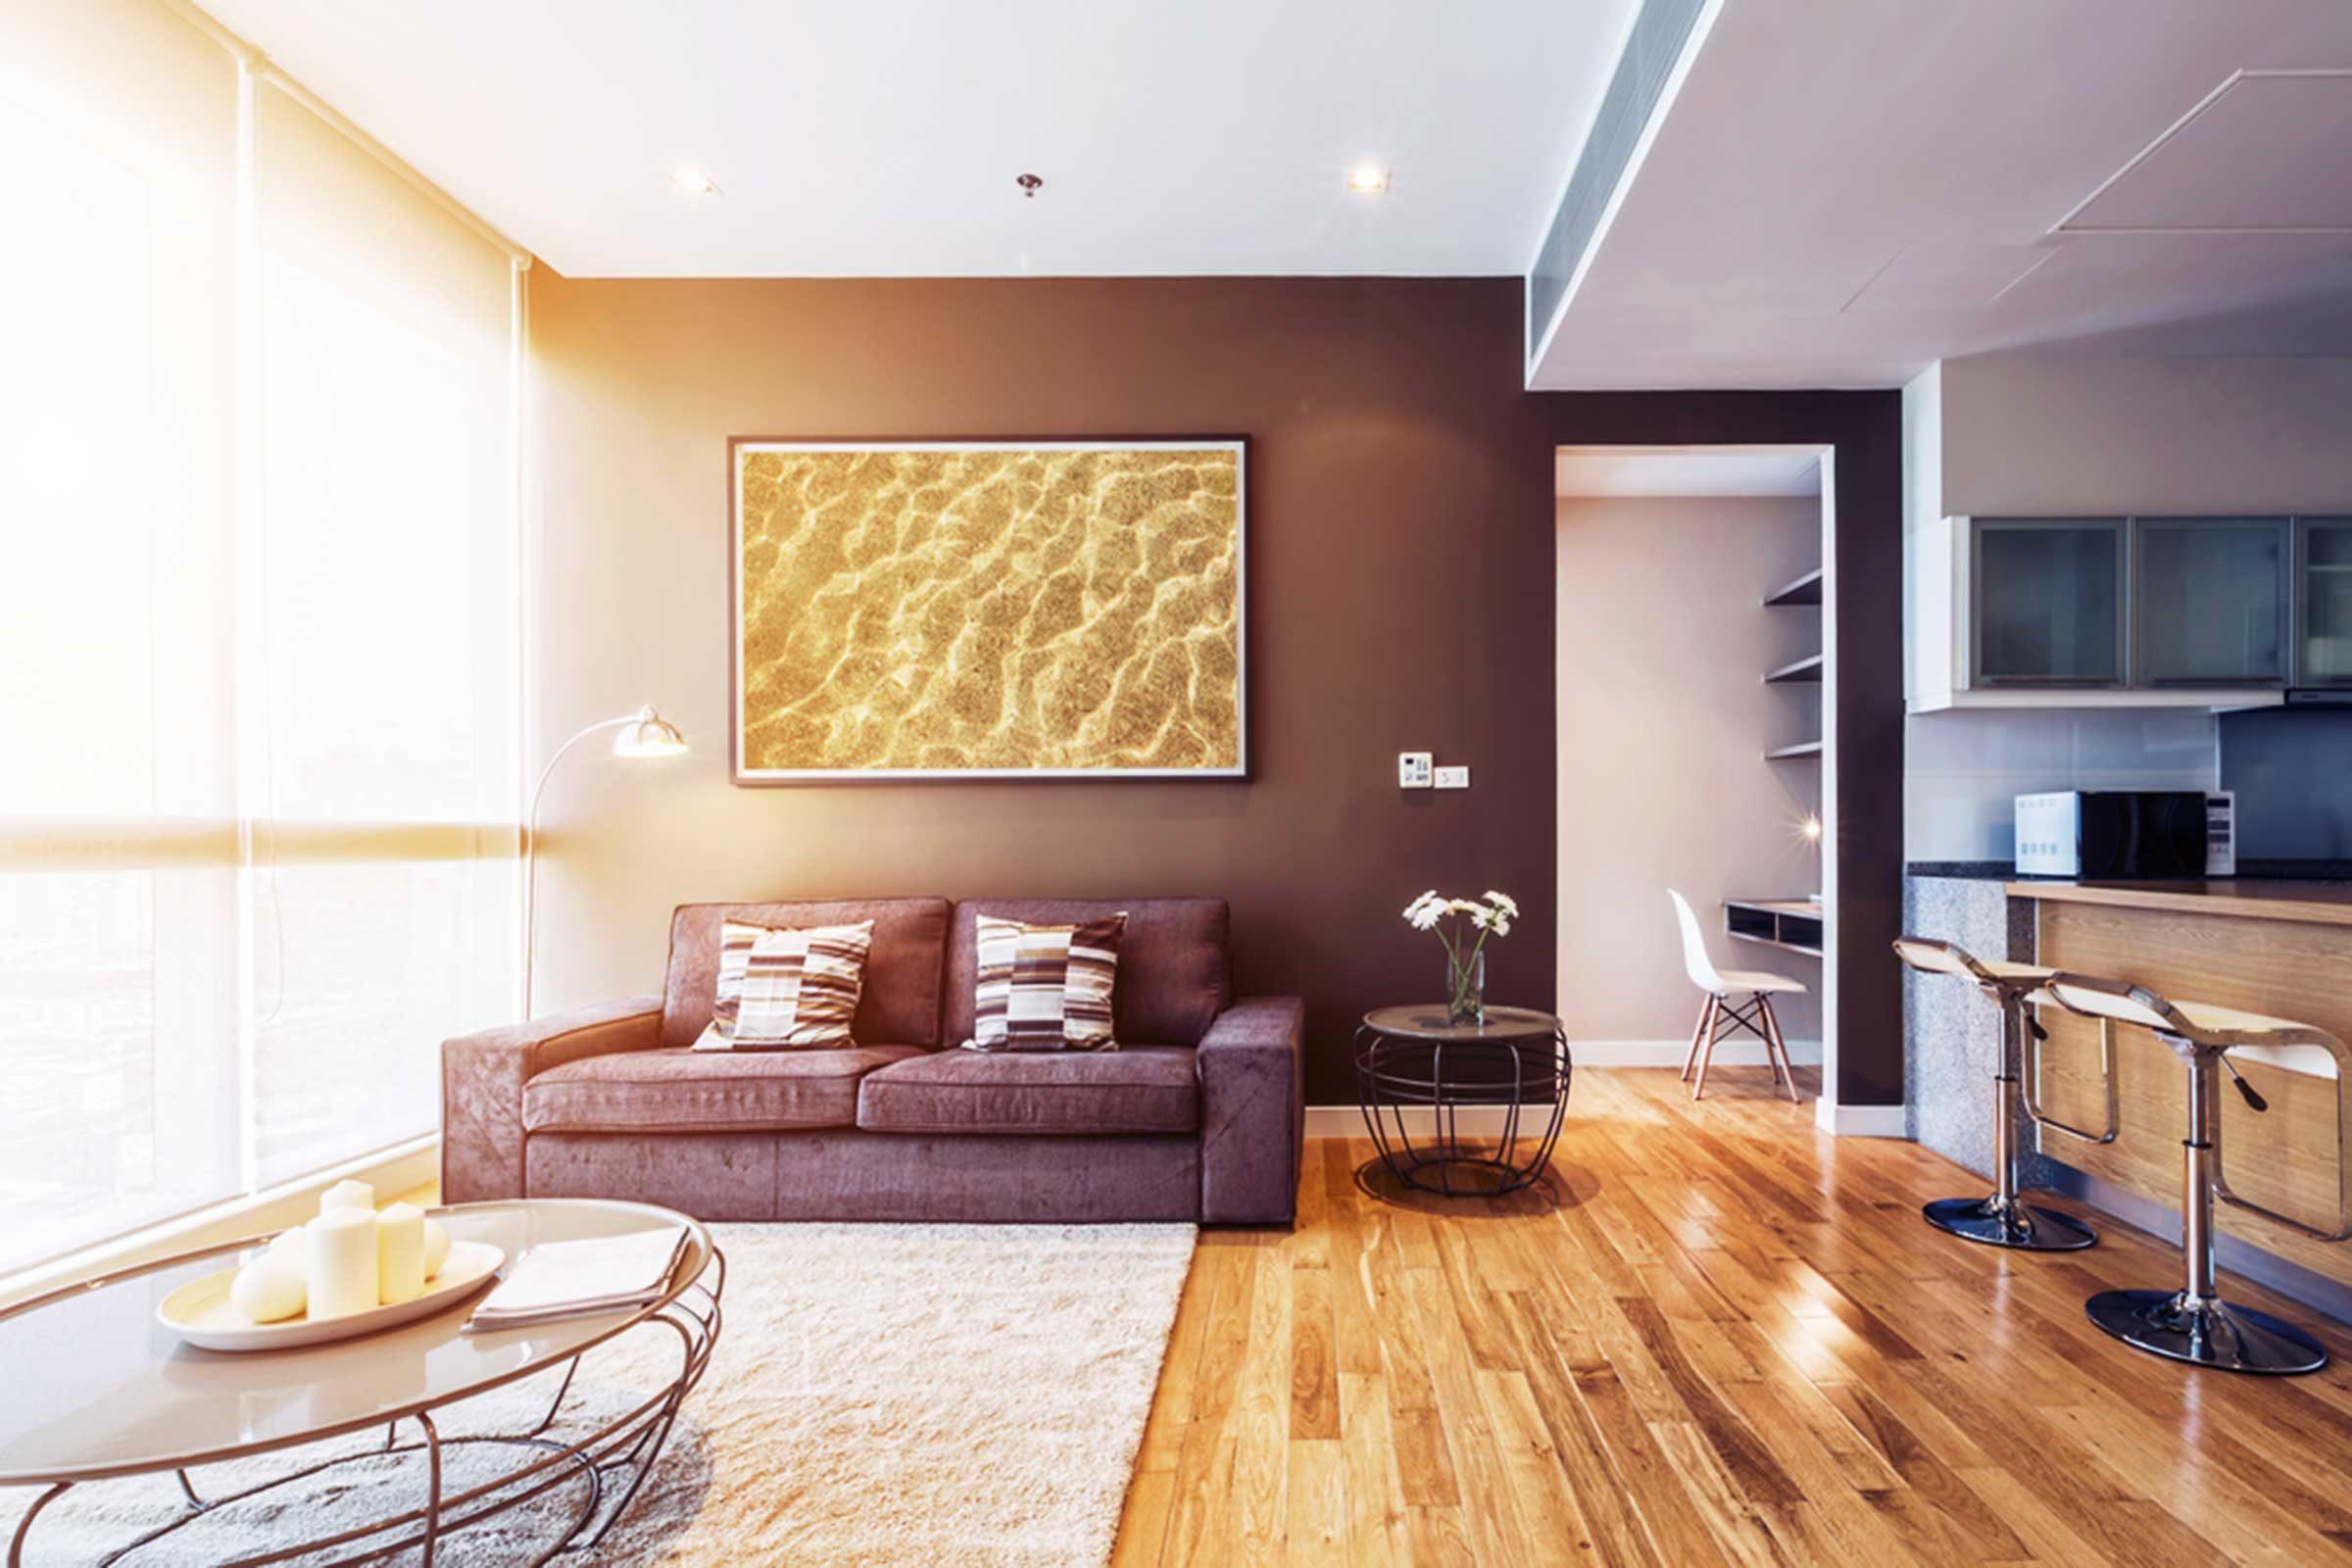 Le home staging peut effectivement aider à la vente de la maison